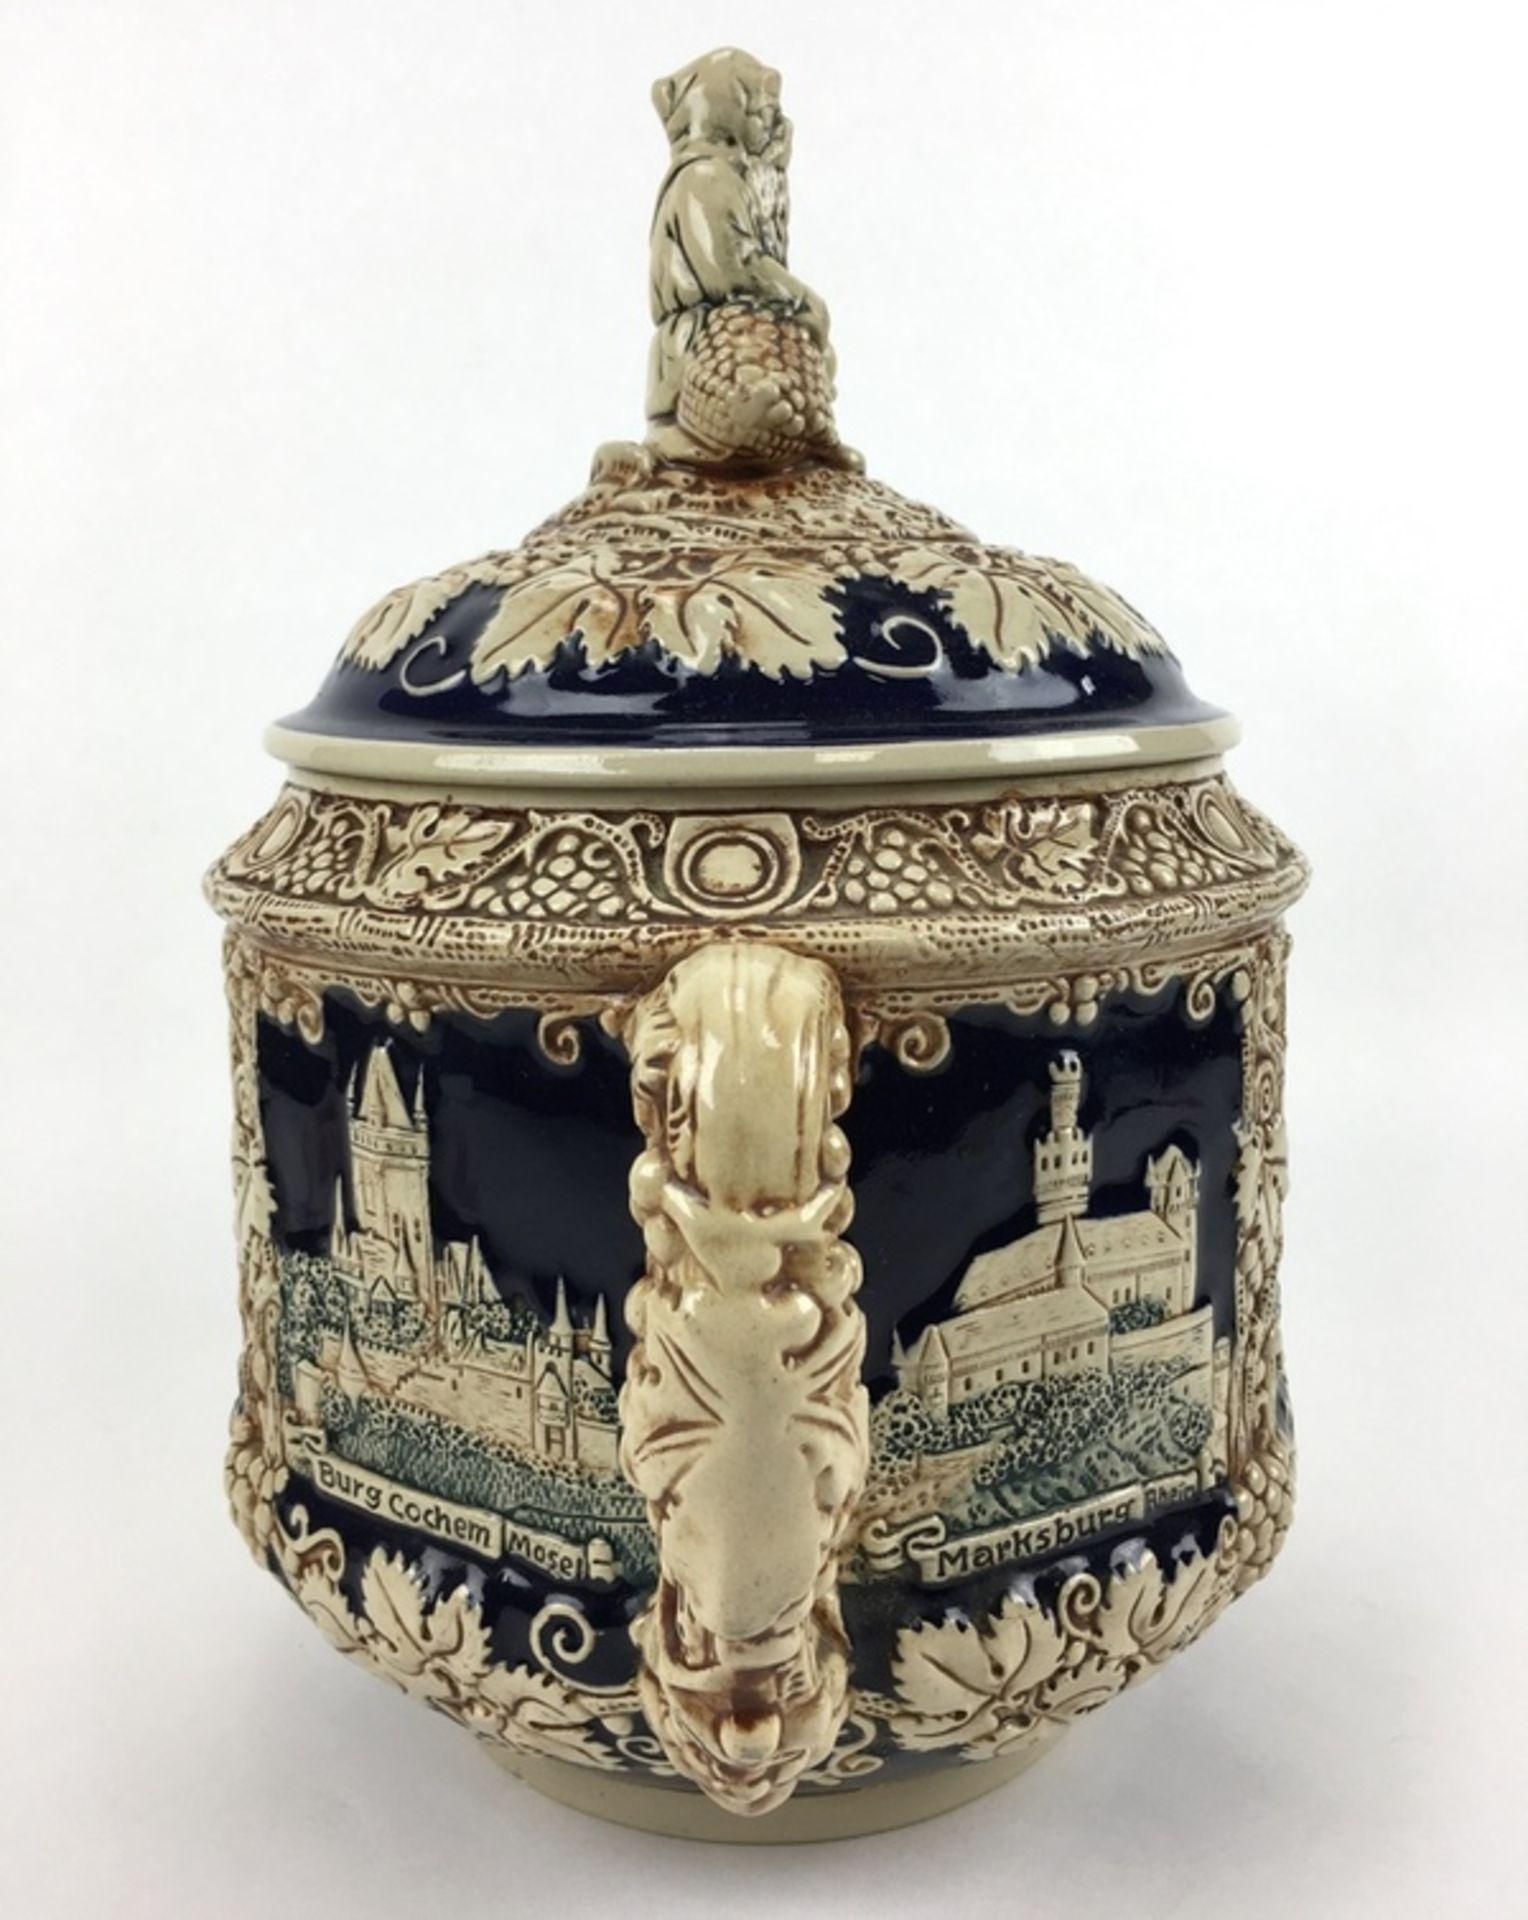 (Curiosa) Aardewerk bowl pot, DuitslandAardewerk bowl pot met druiventrossen decoratie. Duitsla - Bild 7 aus 8